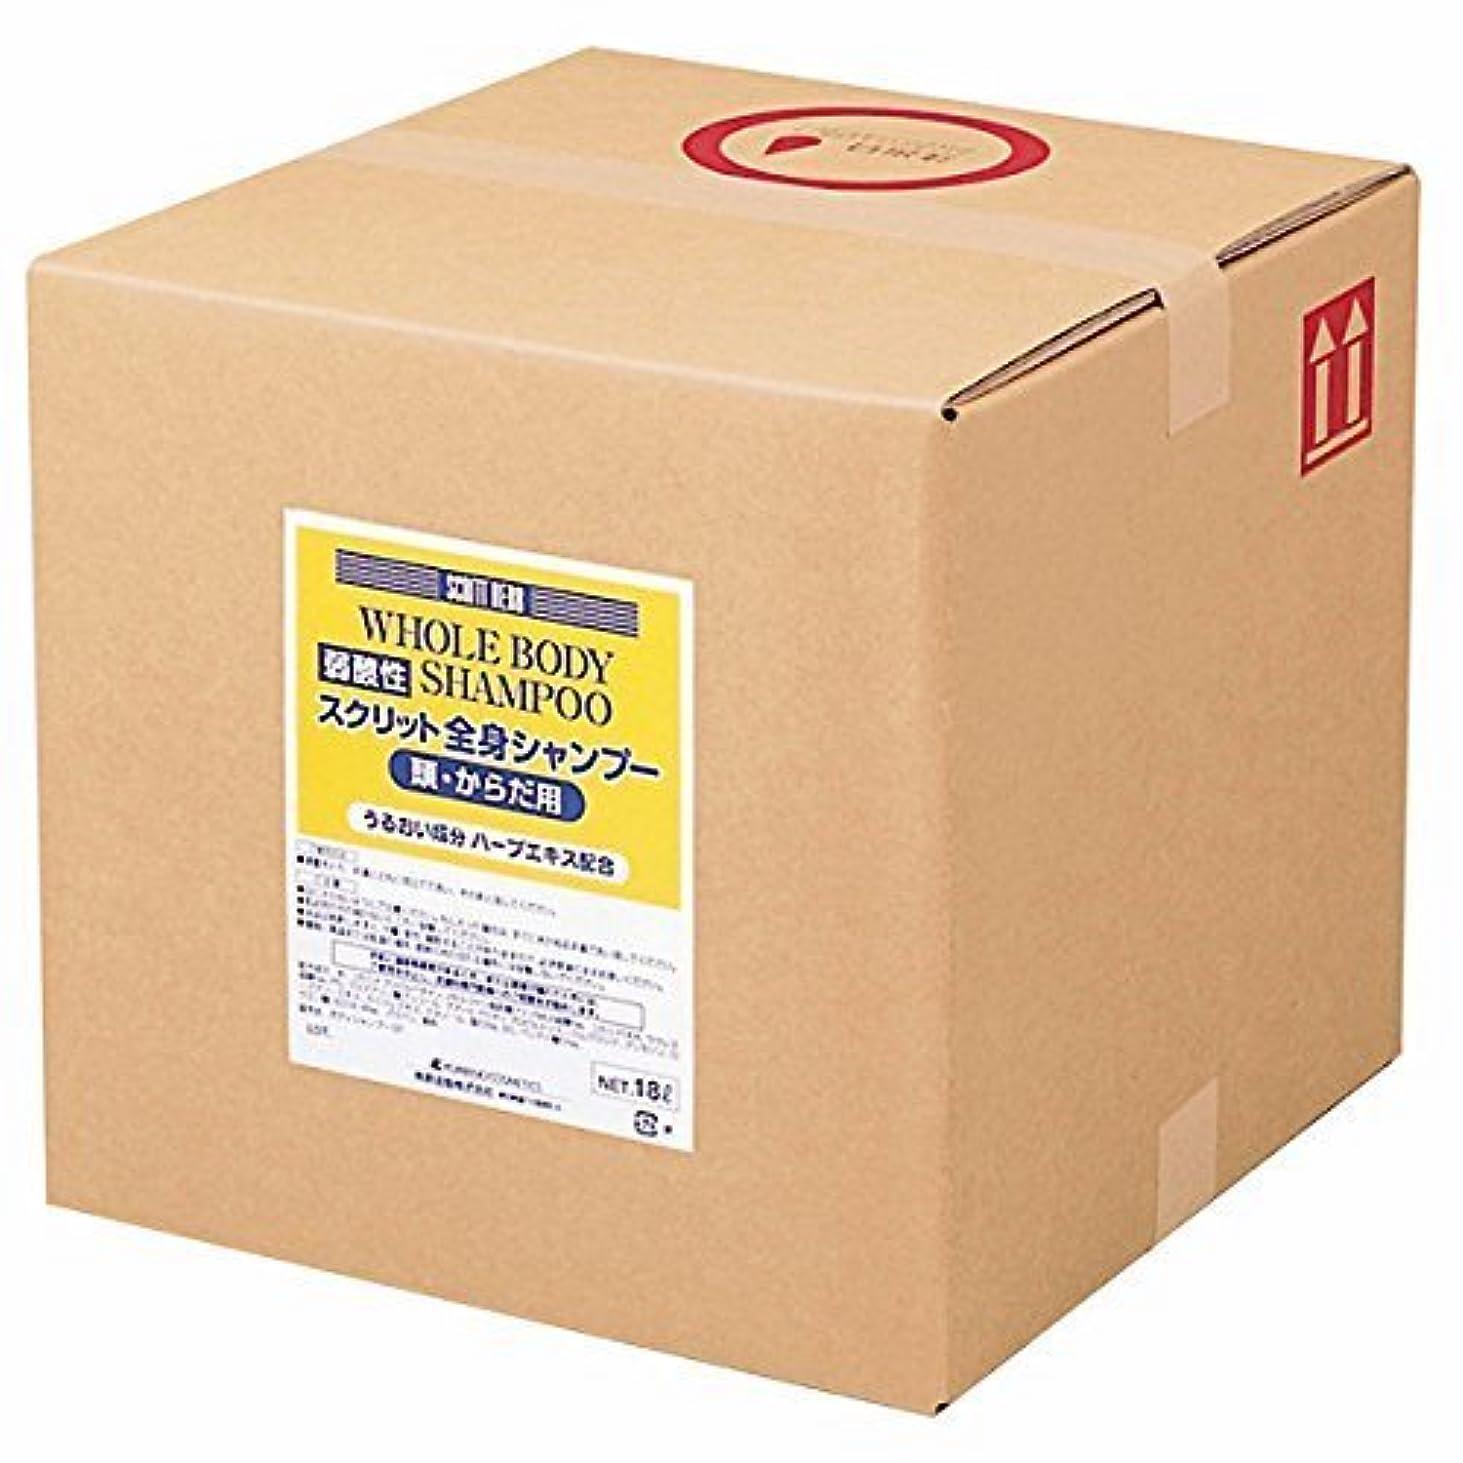 検査官引用いう業務用 SCRITT(スクリット) 全身シャンプー 18L 熊野油脂 (コック付き)